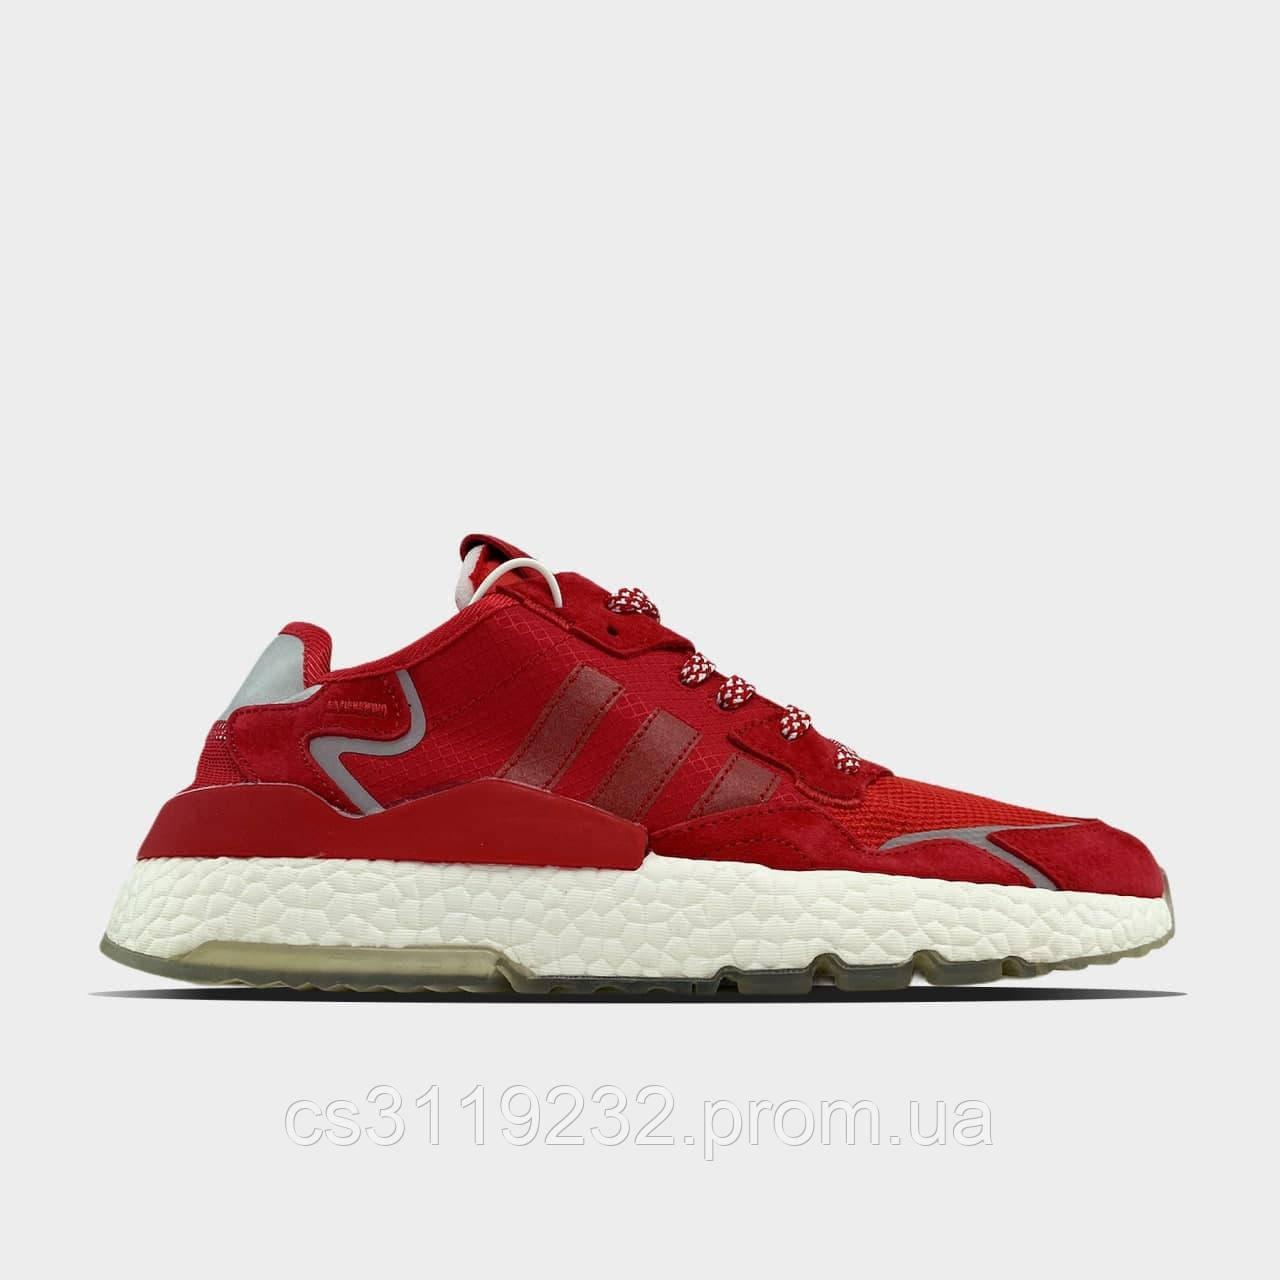 Чоловічі кросівки Adidas Nite Jogger Red White (червоно-білі)